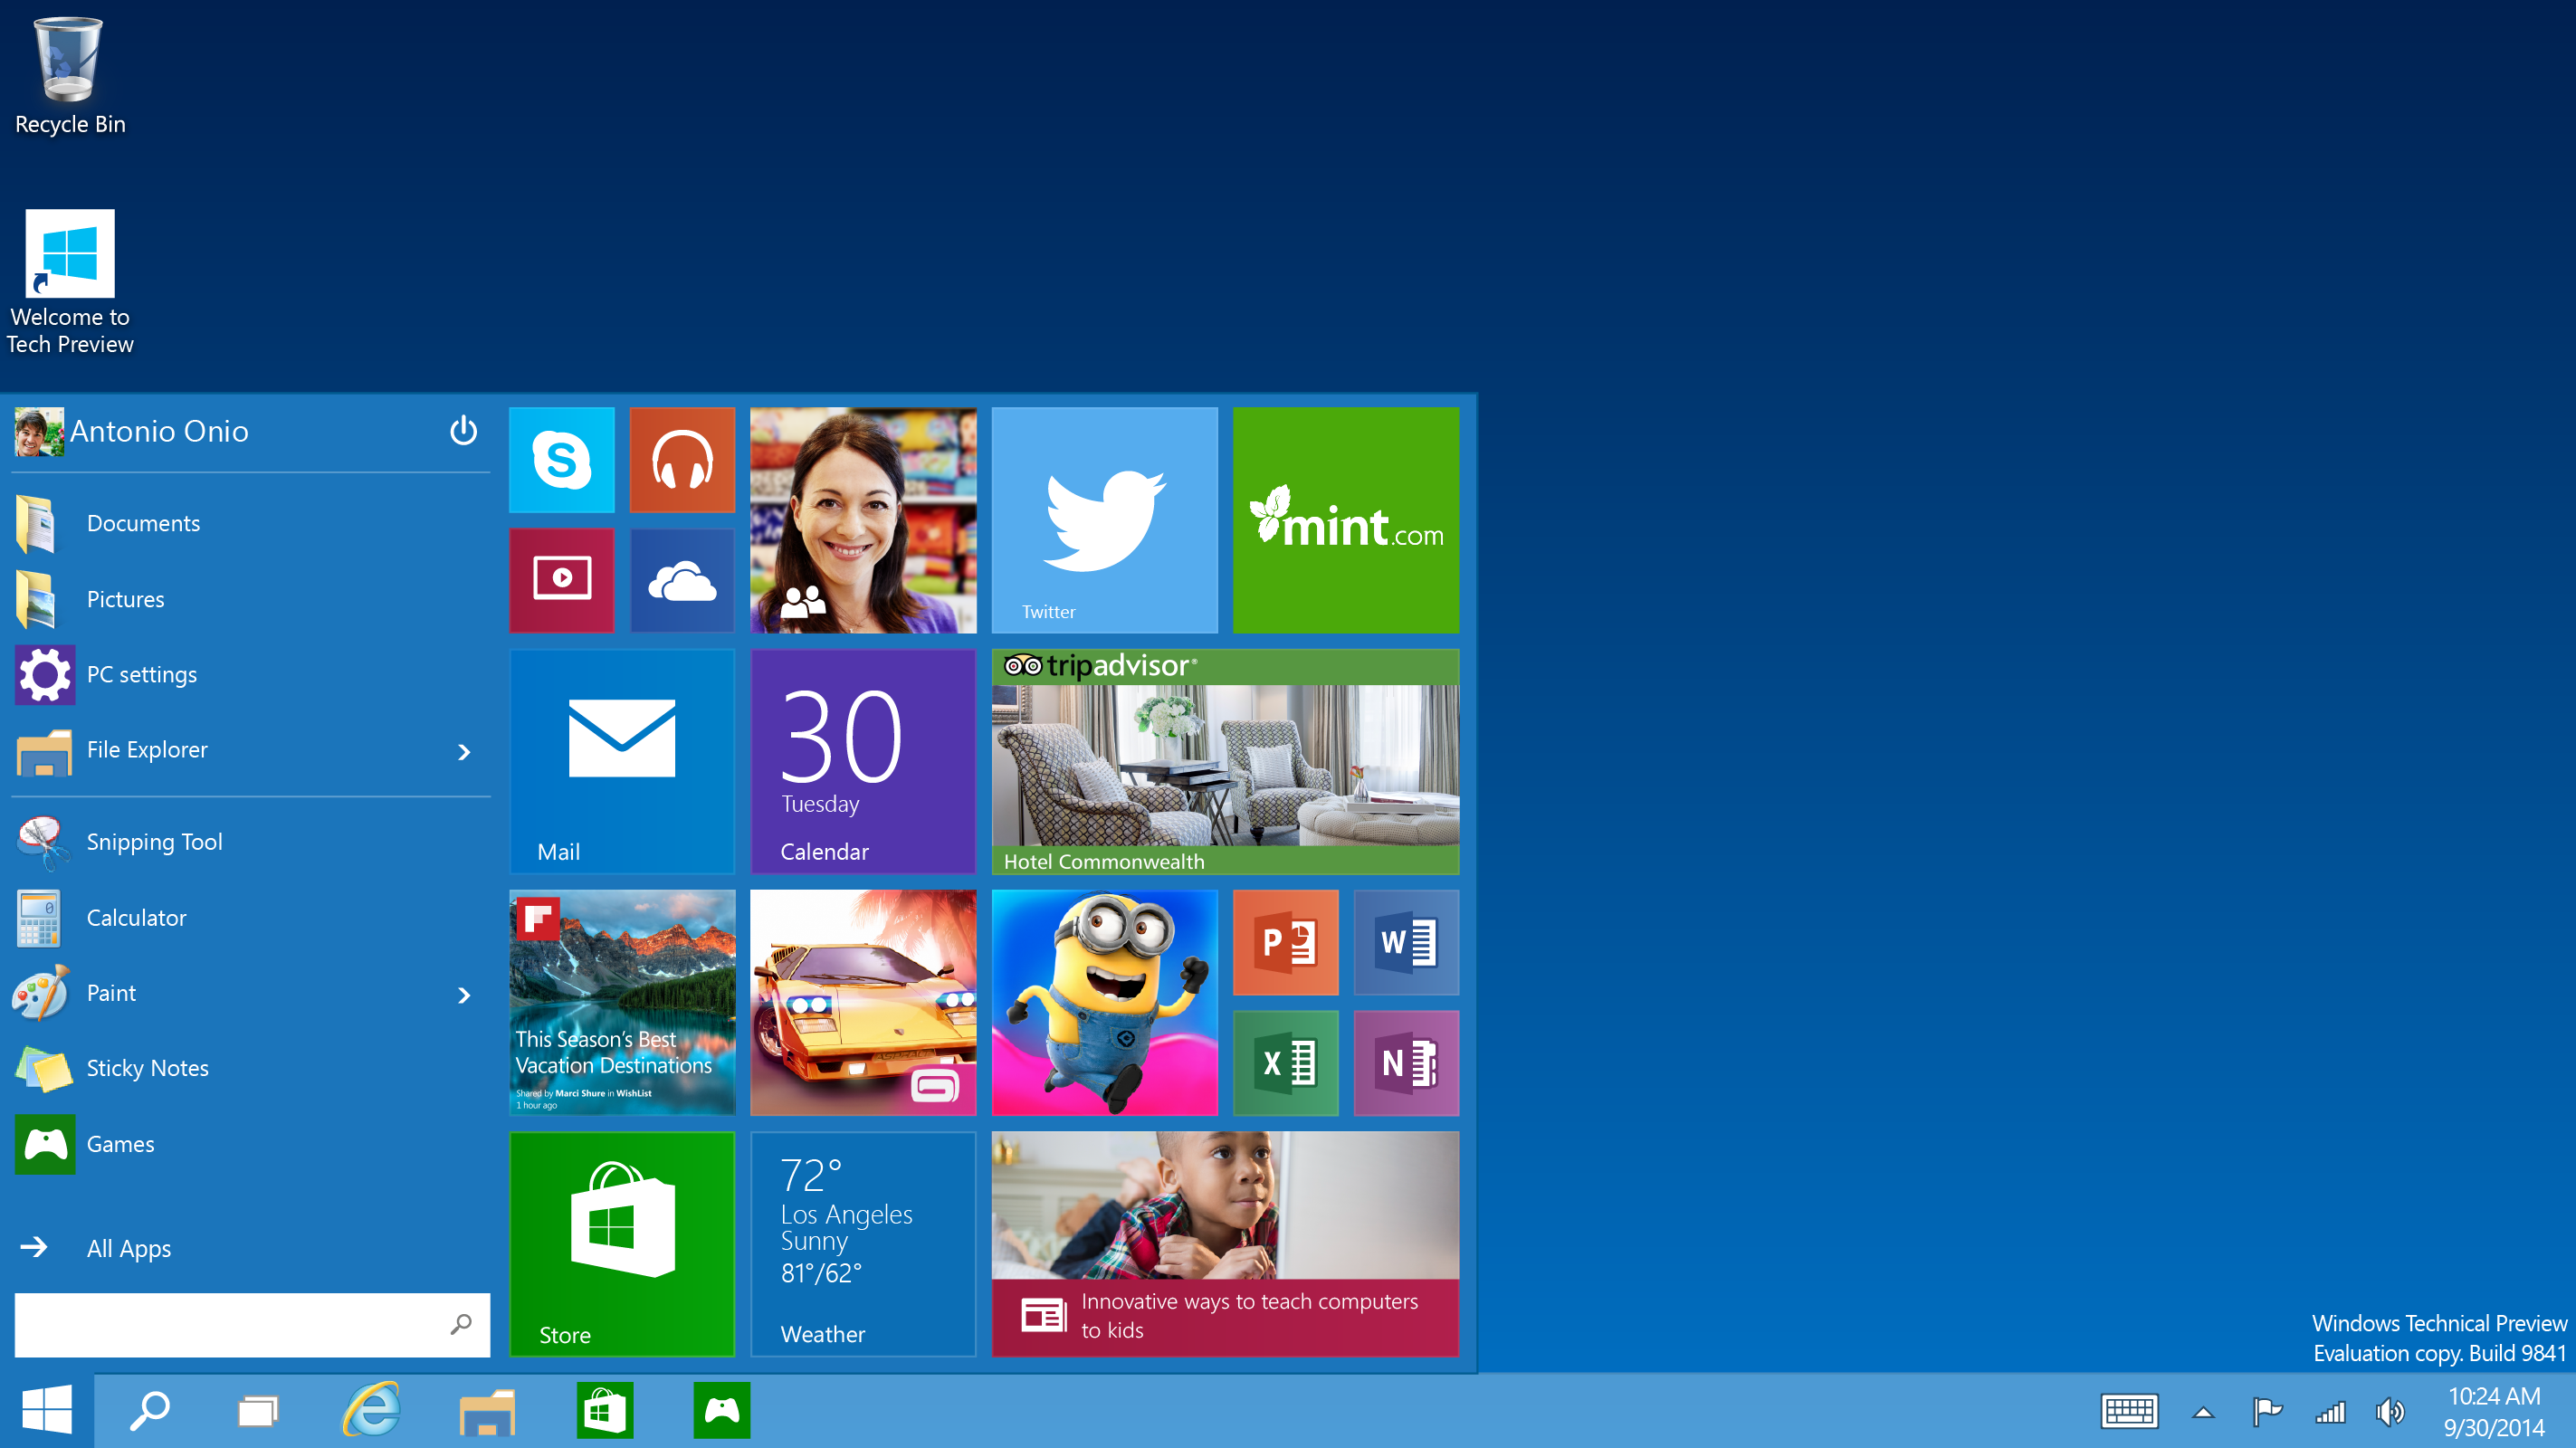 Cài đặt Windows 10 bản chính thức ngay hôm nay